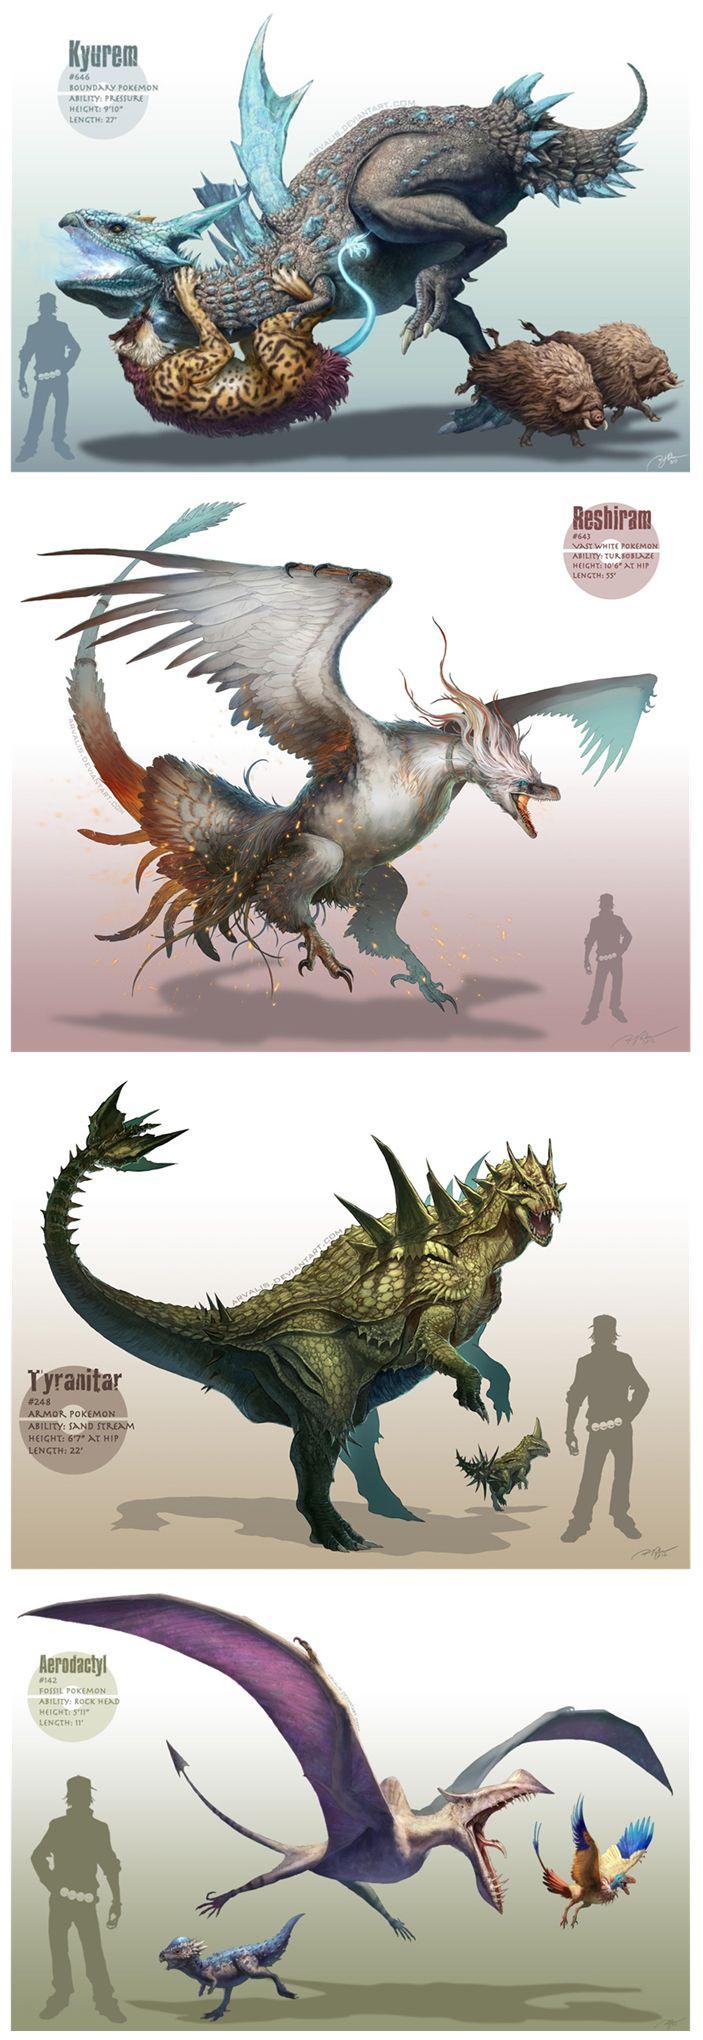 Realistic drawn pokemon  ...  From arvalis ...  raikou, kyurem, piloswine, reshiram, tyranitar, larvitar, cranidos, aerodactyl, archen, pokemon